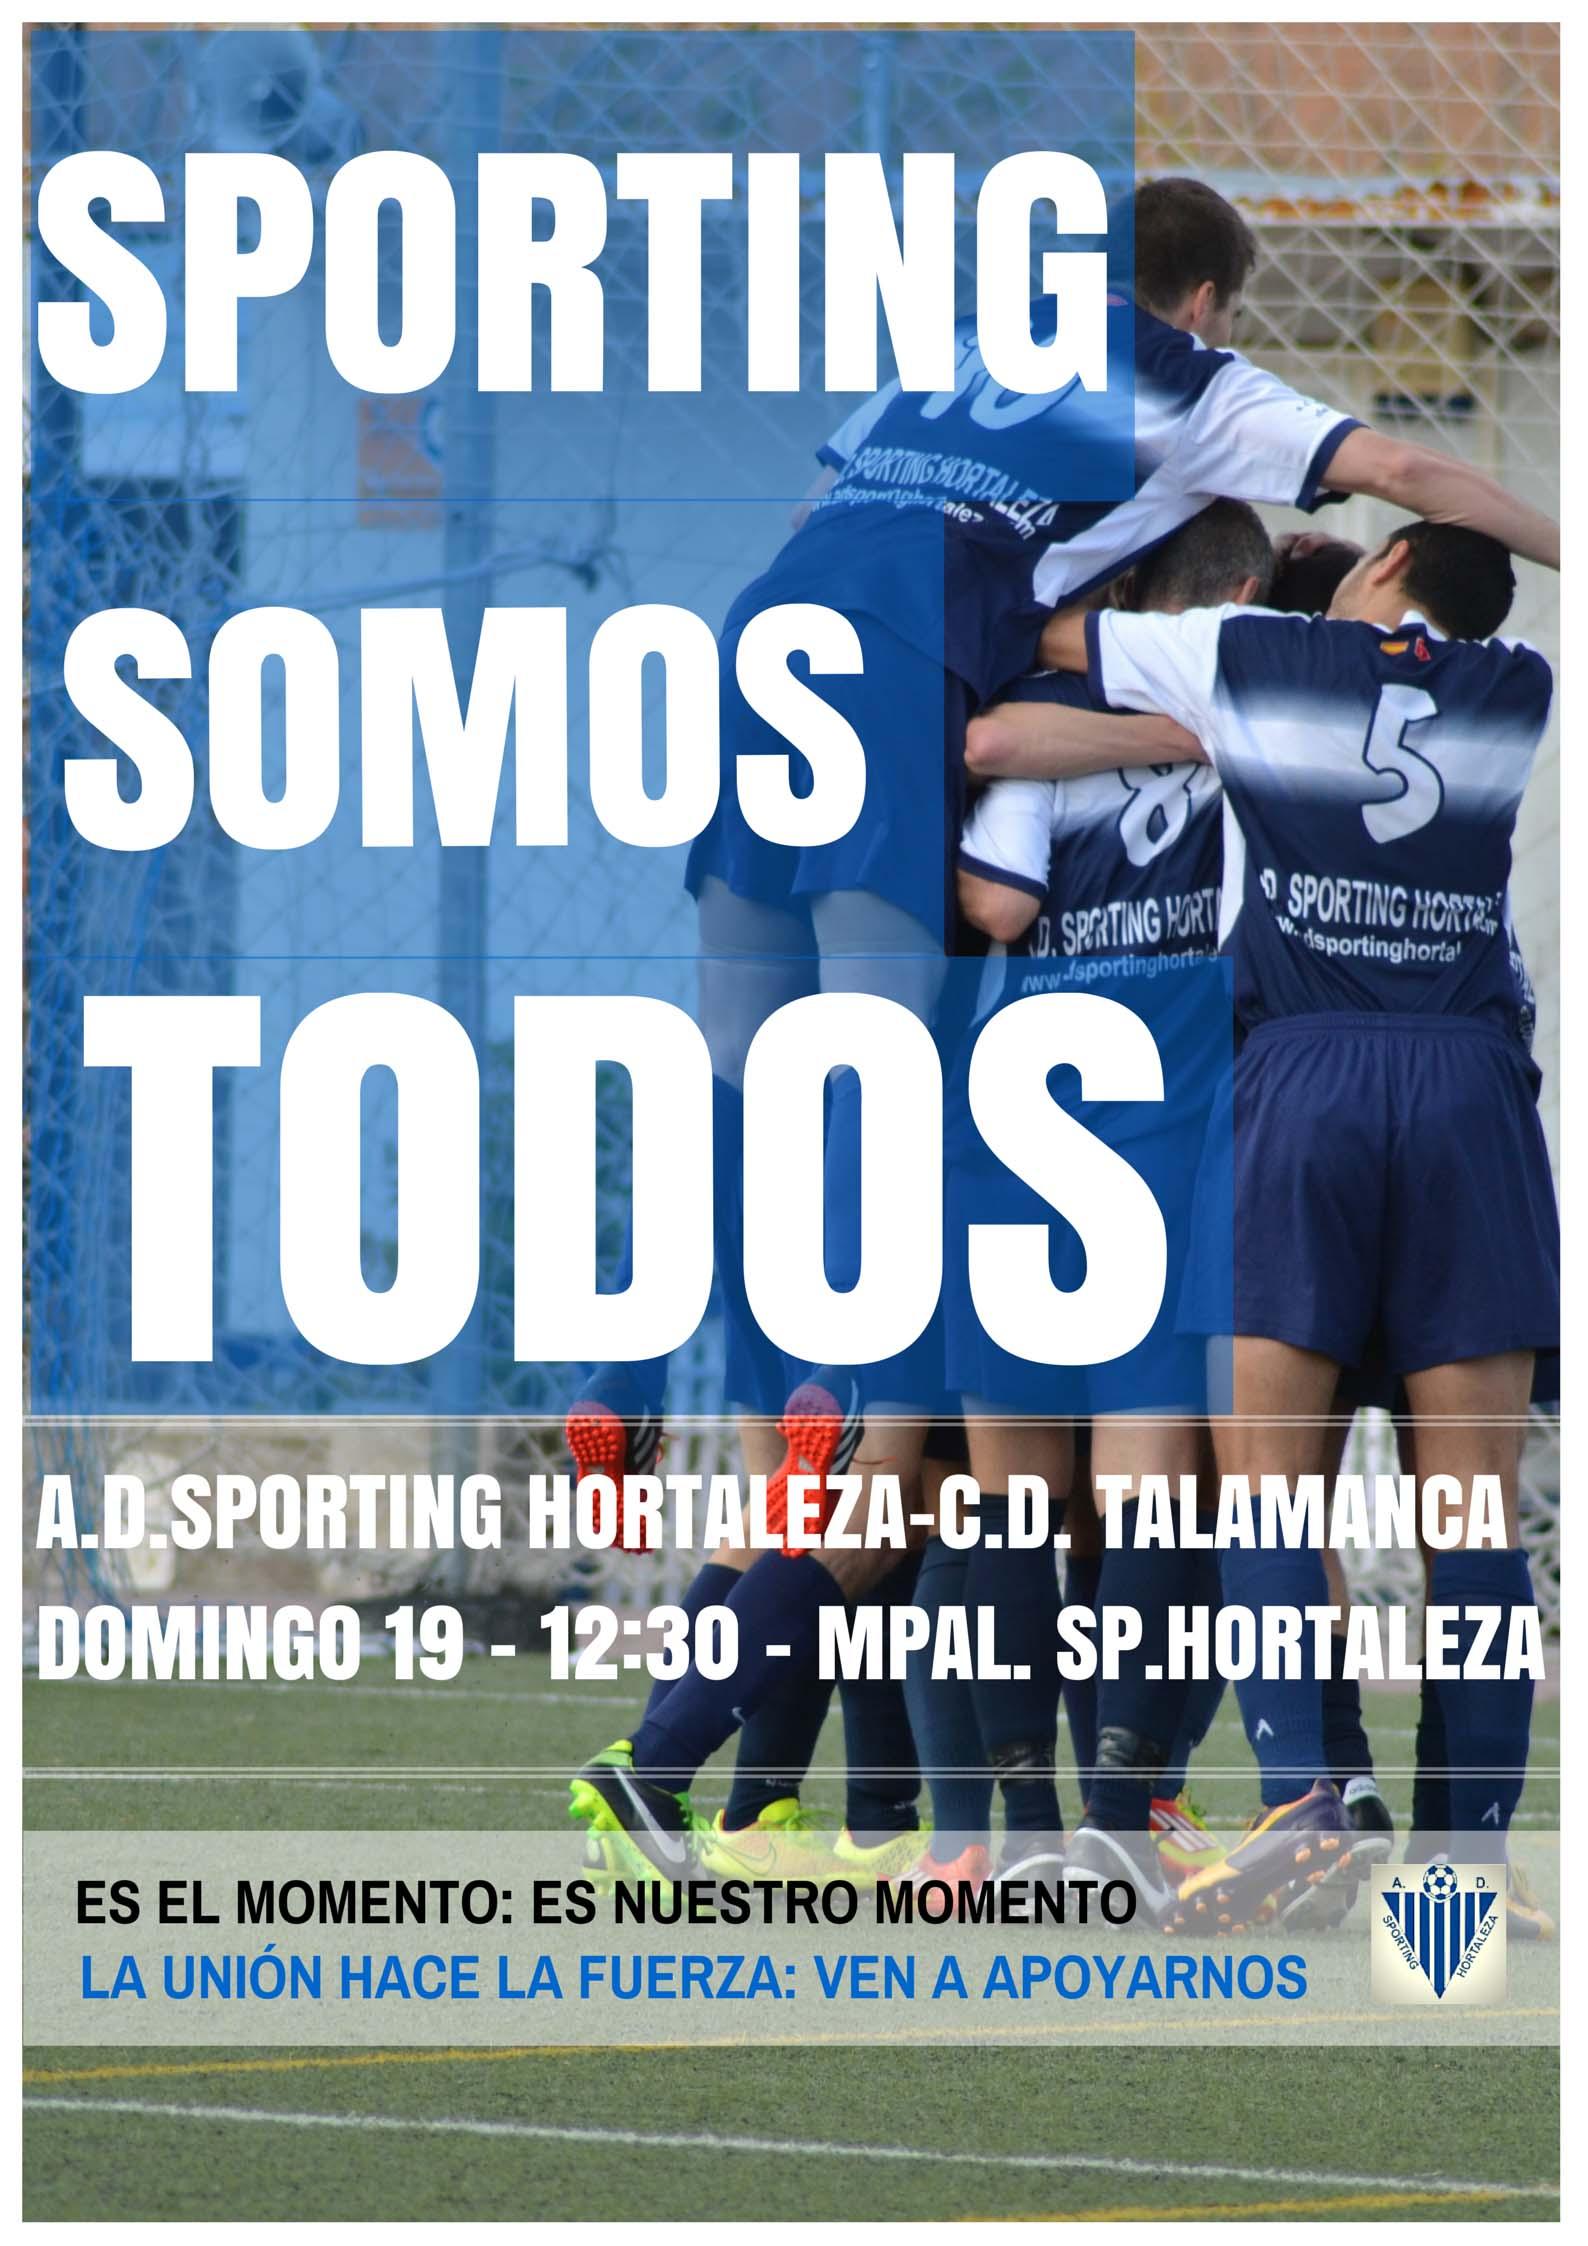 HOY MAS QUE NUNCA… TODOS SOMOS SPORTING!!